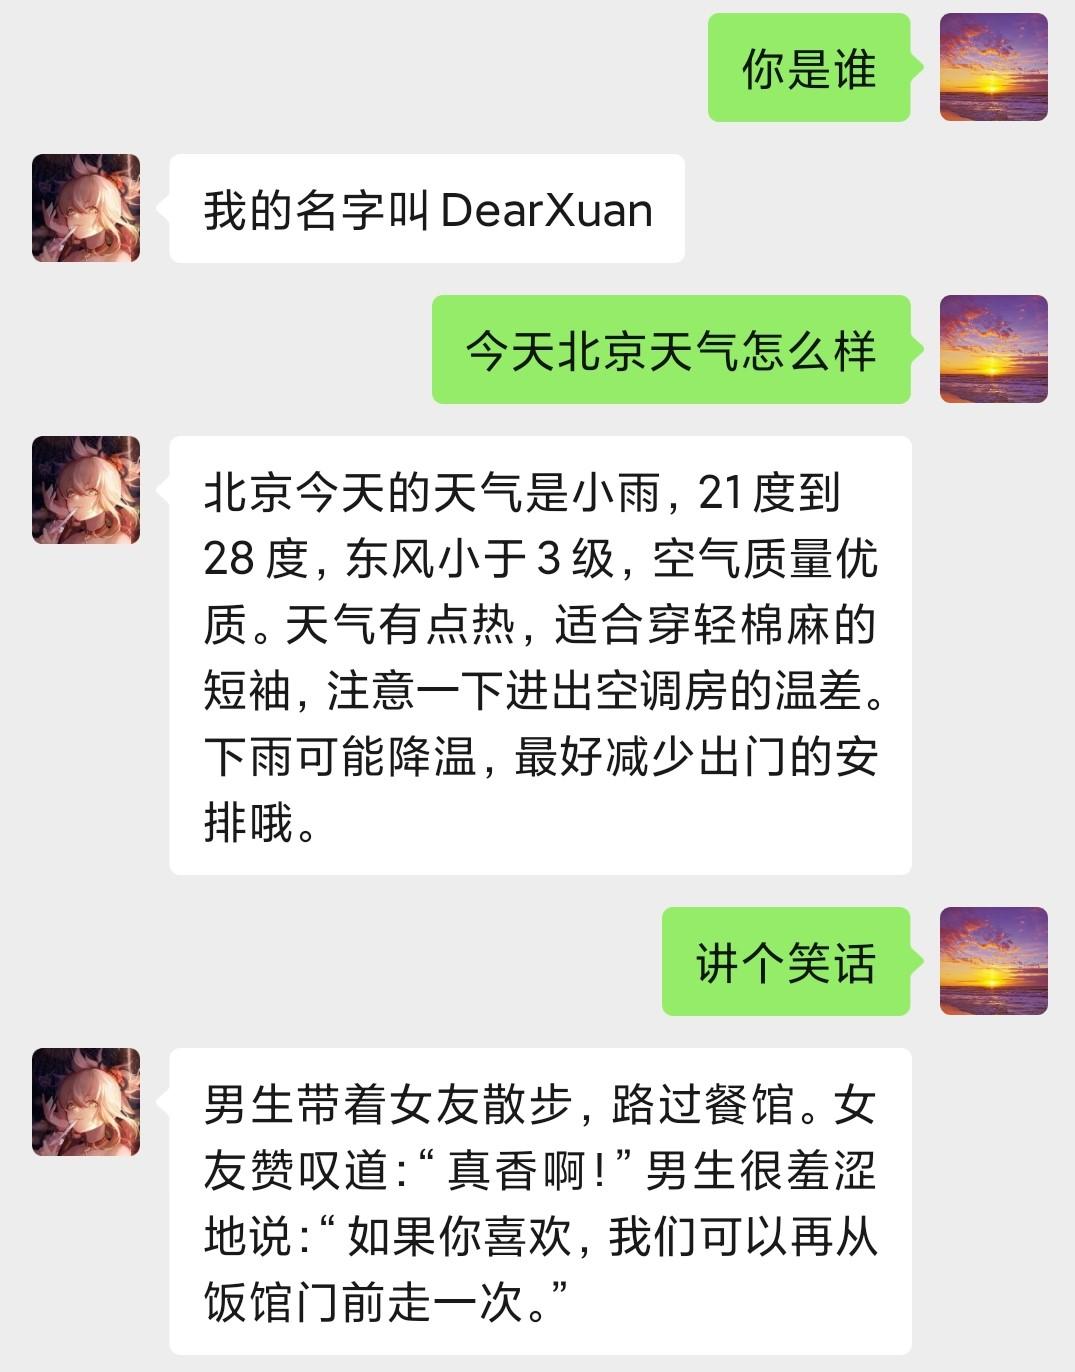 DearXuan